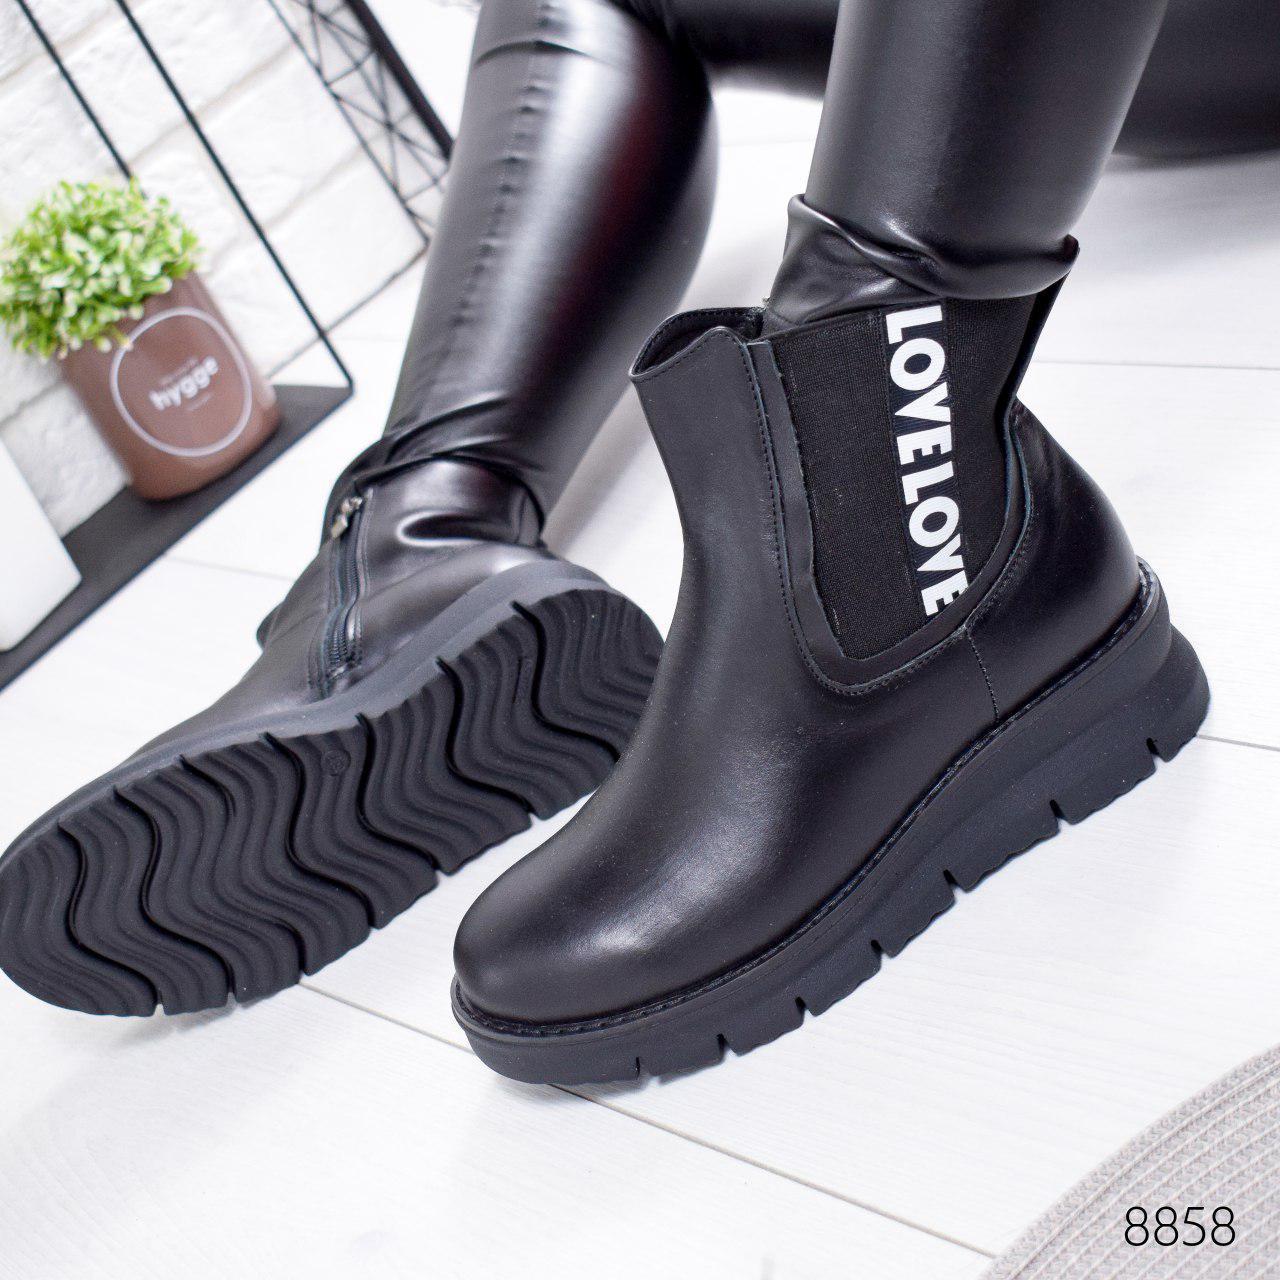 """Ботинки женские зимние, черного цвета из натуральной кожи """"8858"""". Черевики жіночі. Ботинки теплые"""